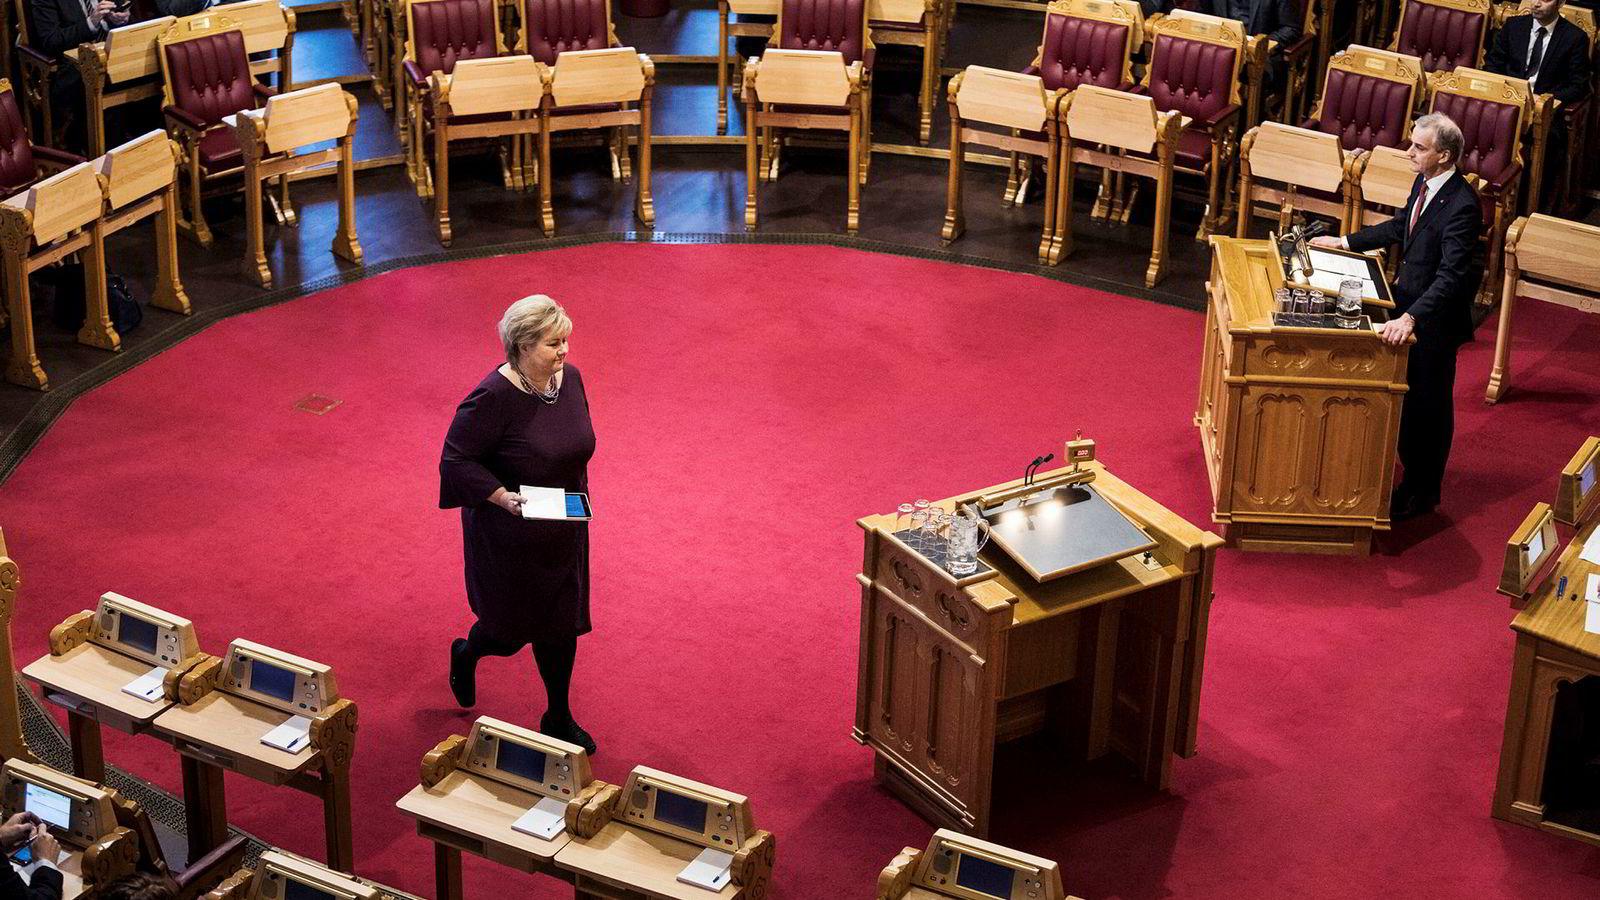 Erna Solberg mener Jonas Gahr Støre ikke står like fast som Jens Stoltenberg i asyl- og innvandringspolitikken.